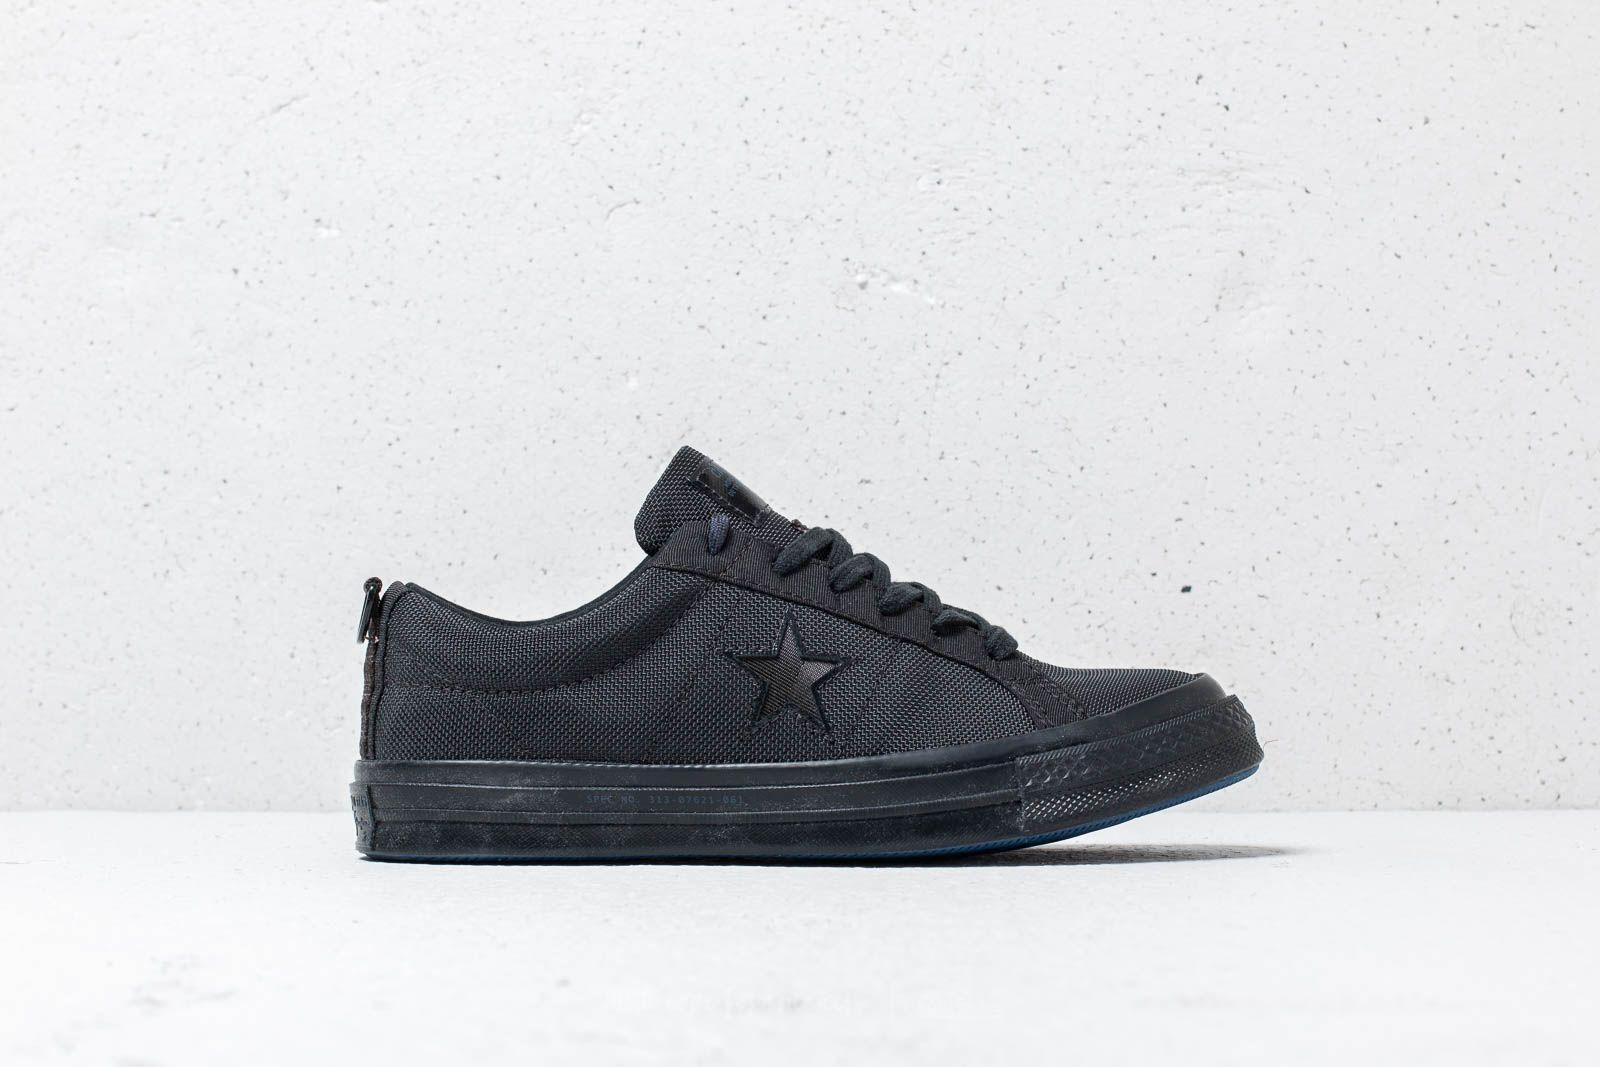 cf2d462b92f3 Converse x Carhartt WIP One Star OX Black  Black  Black at a great price